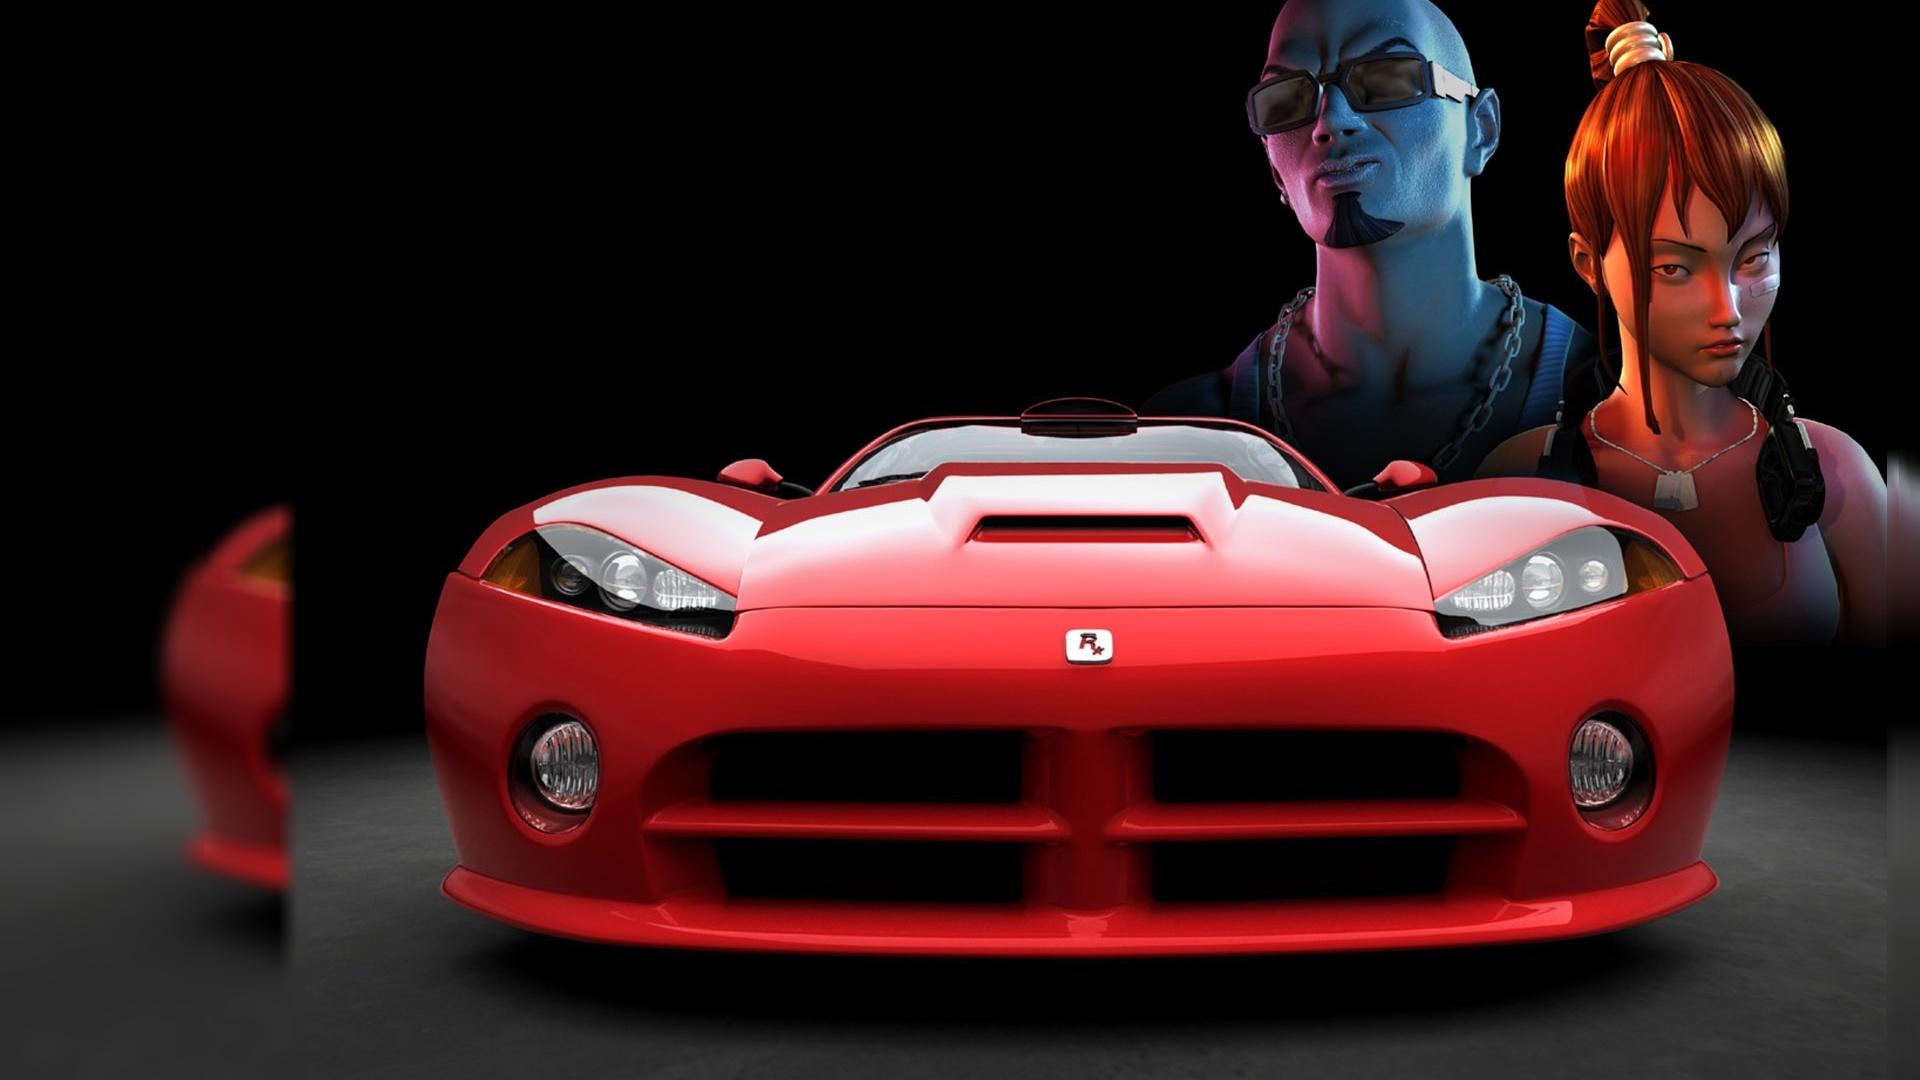 car desktop wallpaper 1827244479   FunAwakecom 1920x1080